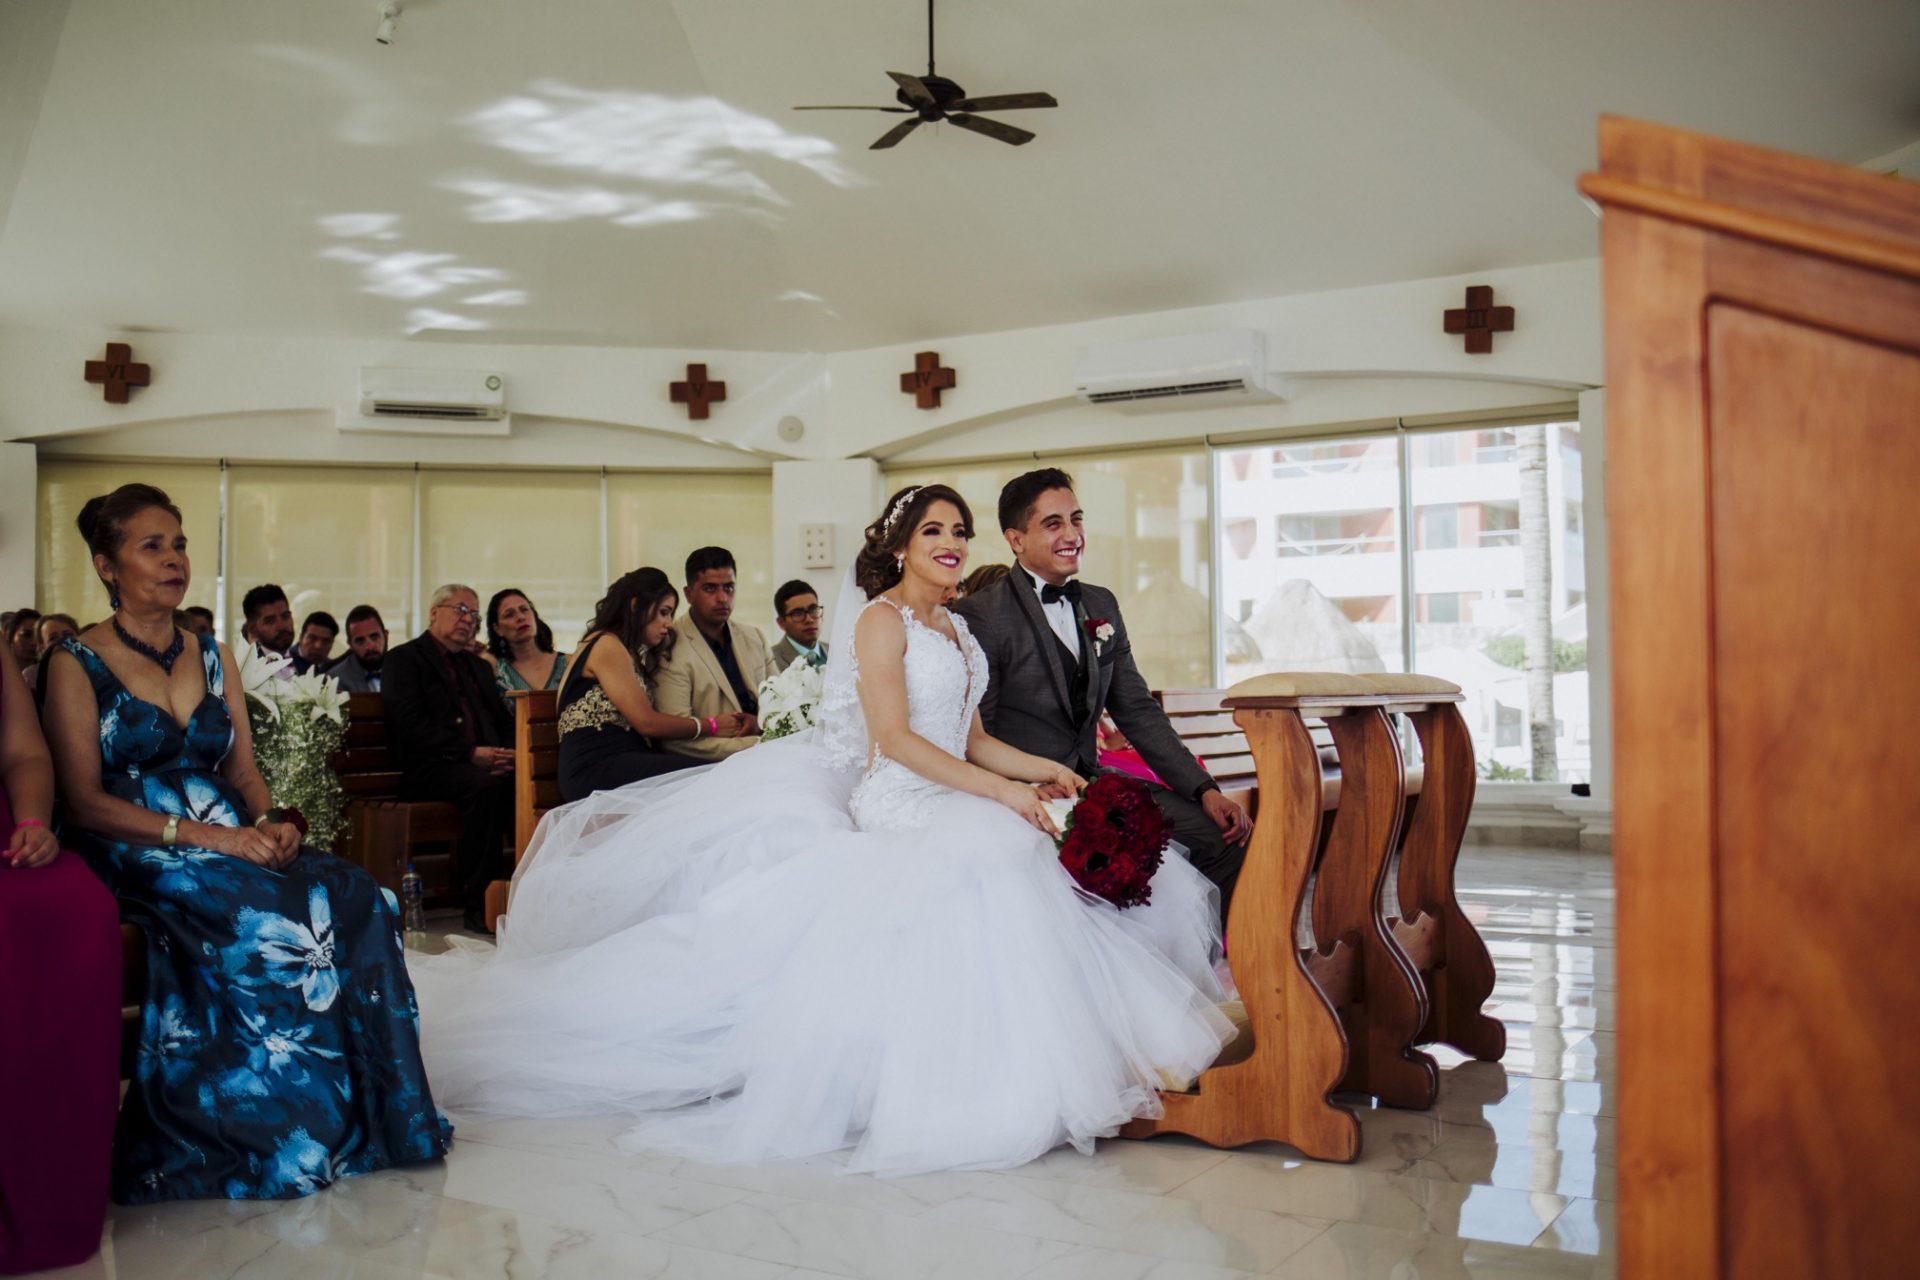 fotografo_bodas_profesional_zacatecas_riviera_maya_cancun-226